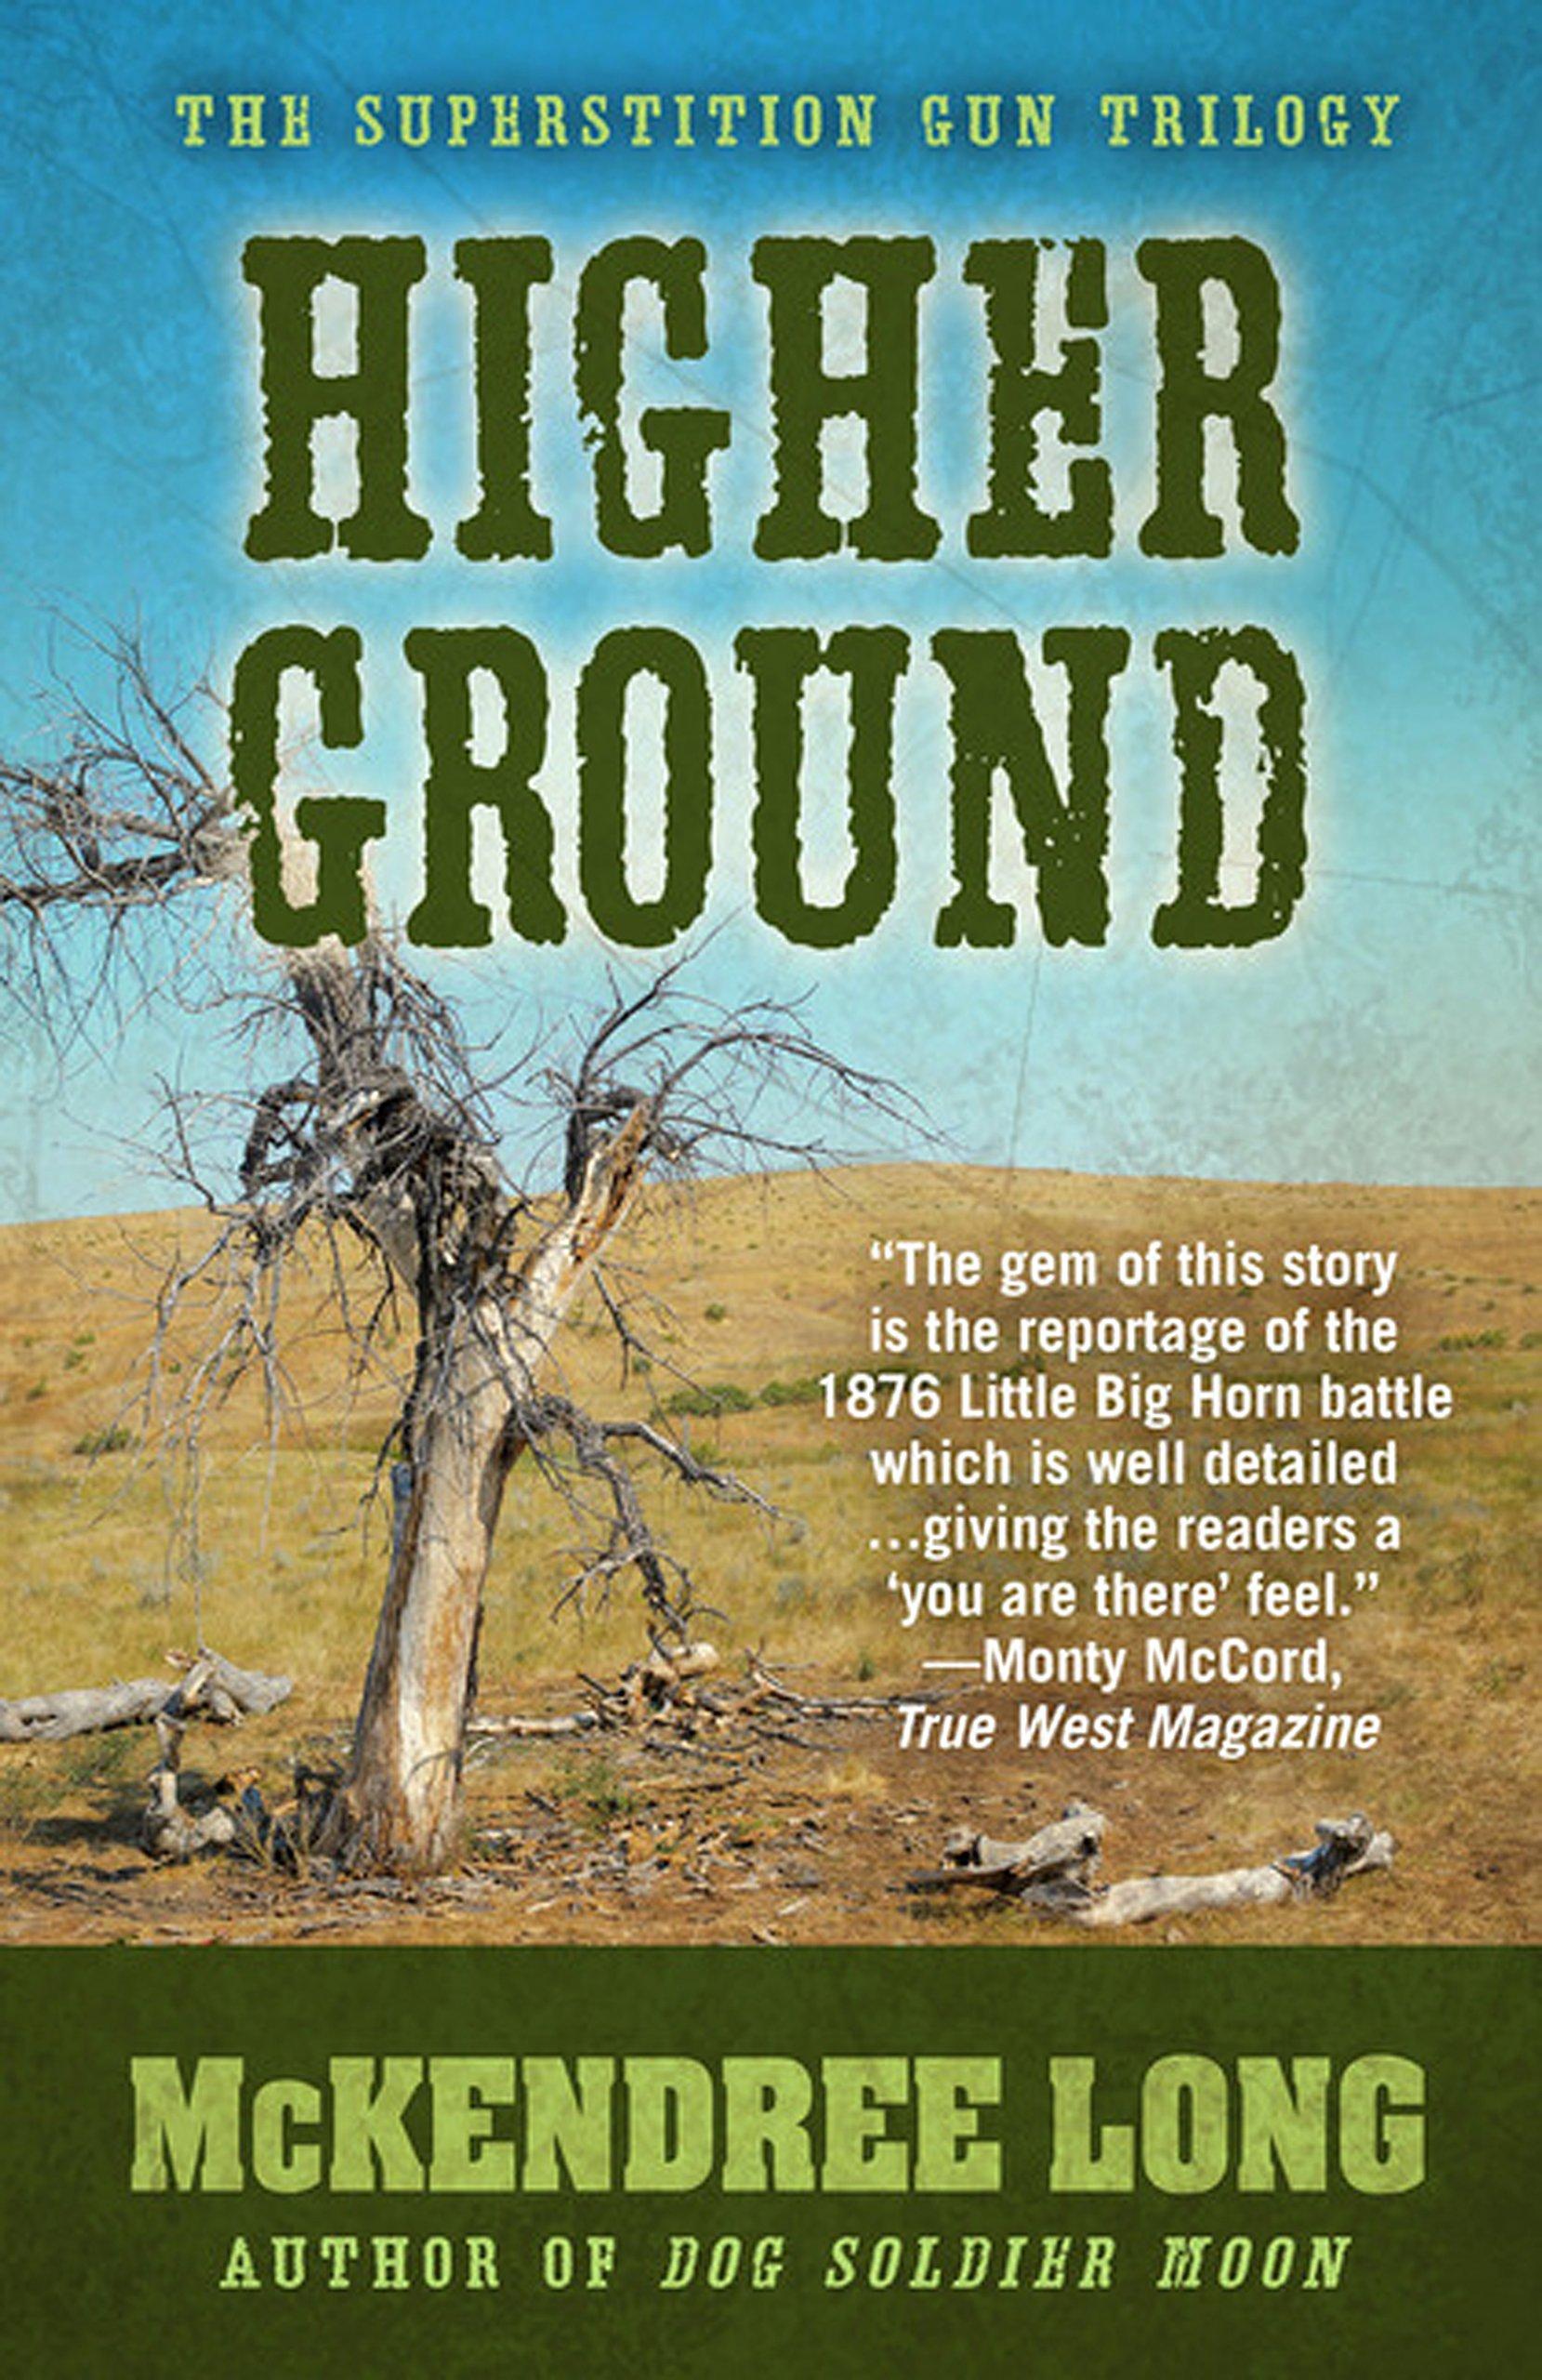 Download Higher Ground (The Superstition Gun Trilogy) PDF